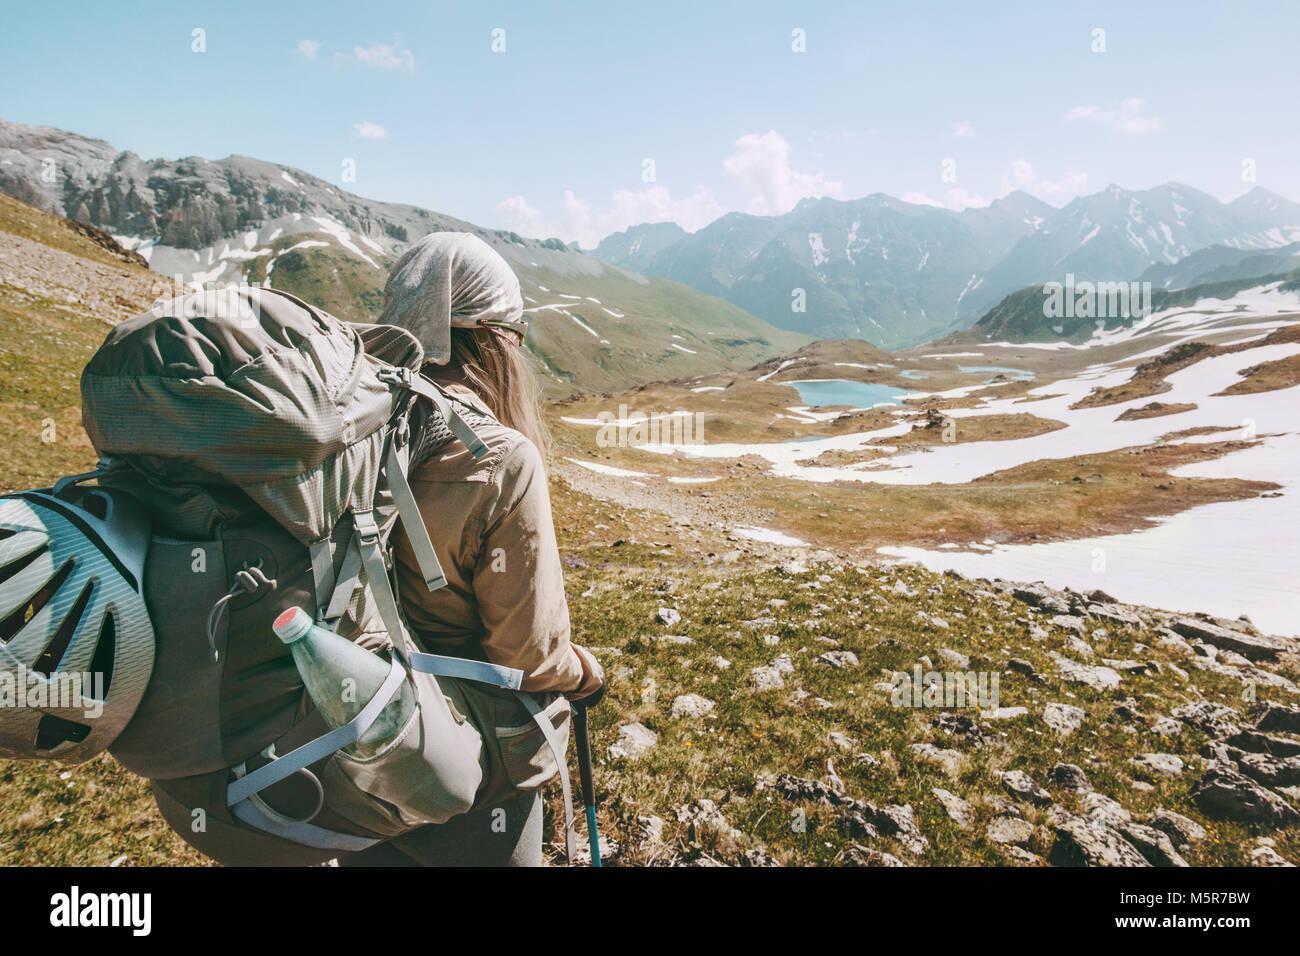 Randonnées en montagne tourisme Backpacker voyage aventure concept active lifestyle vacances estivales en plein Photo Stock